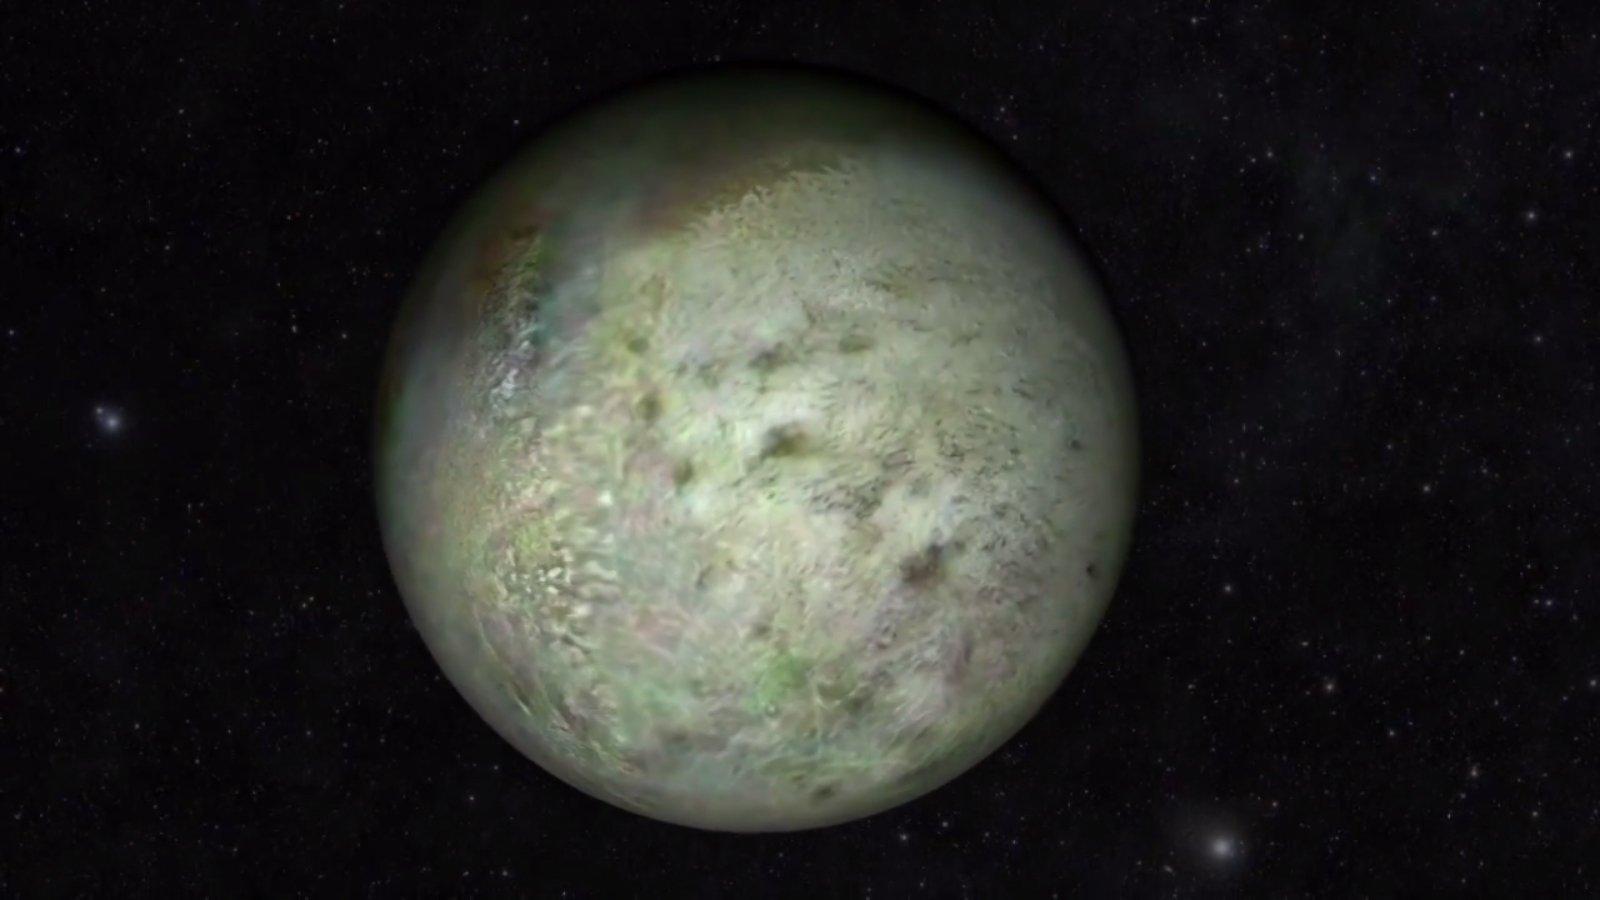 Ученые проследят за движением тени крупнейшего спутника Нептуна над Землей